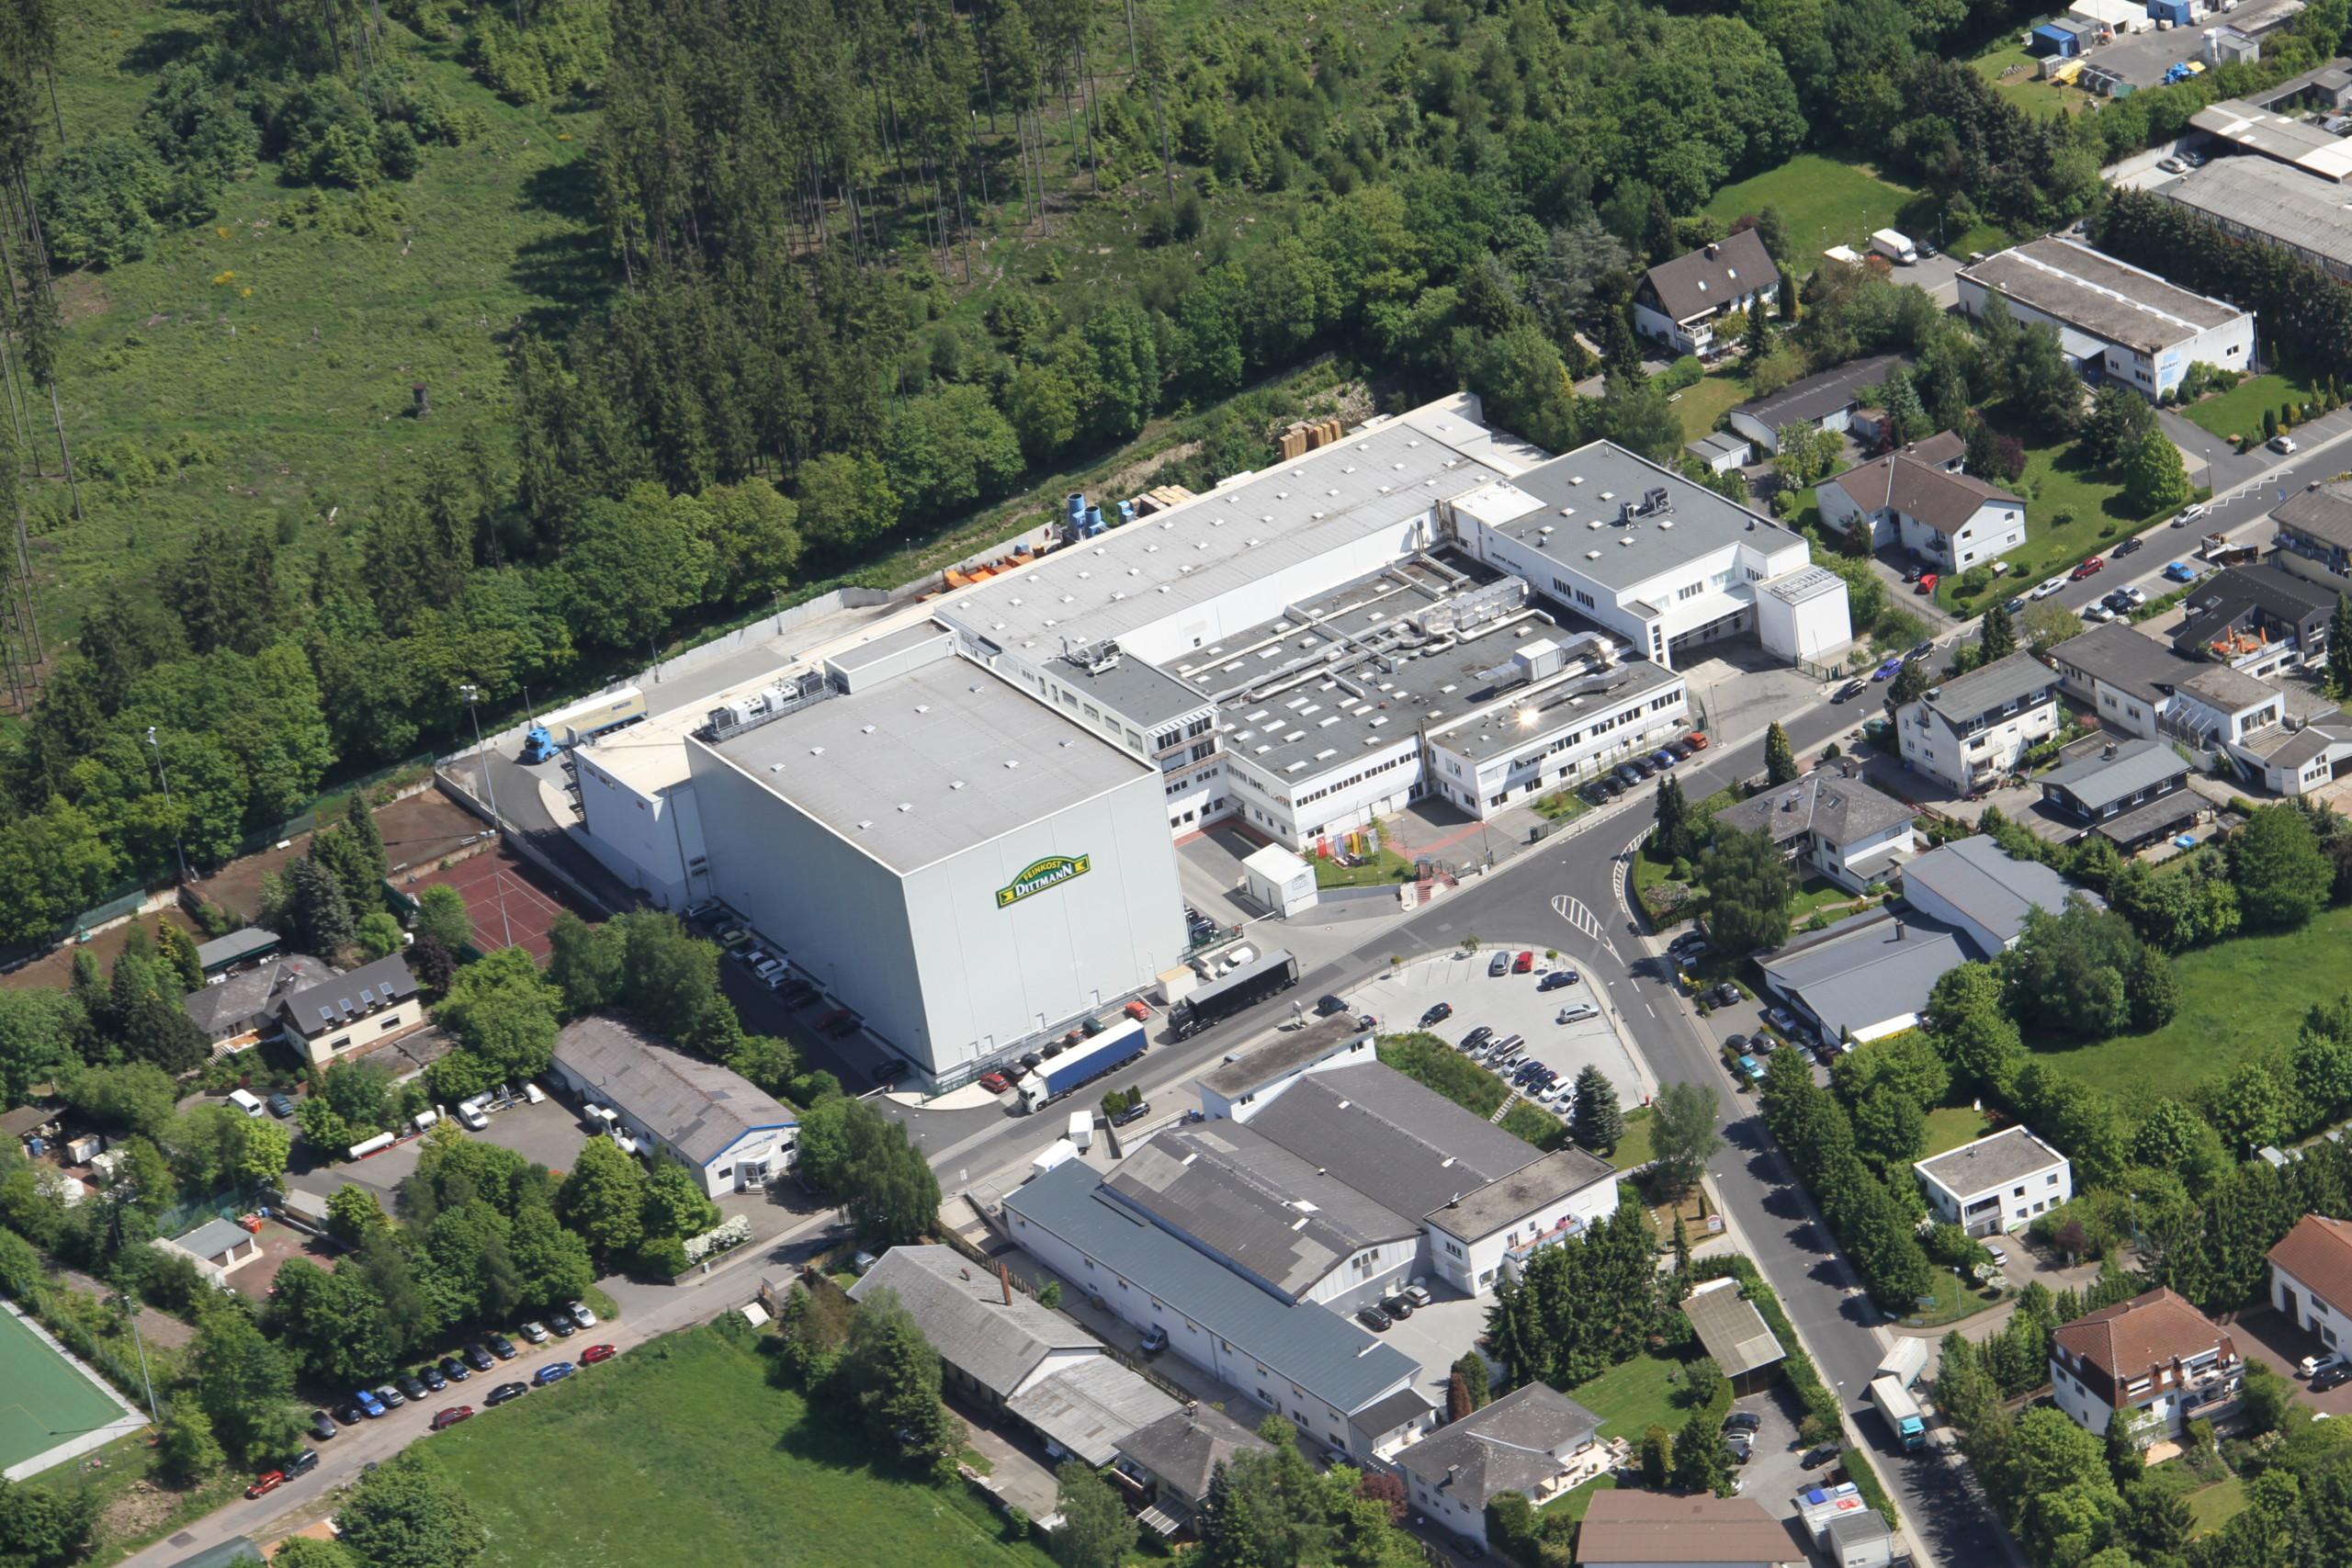 Produktionsstandort Taunusstein